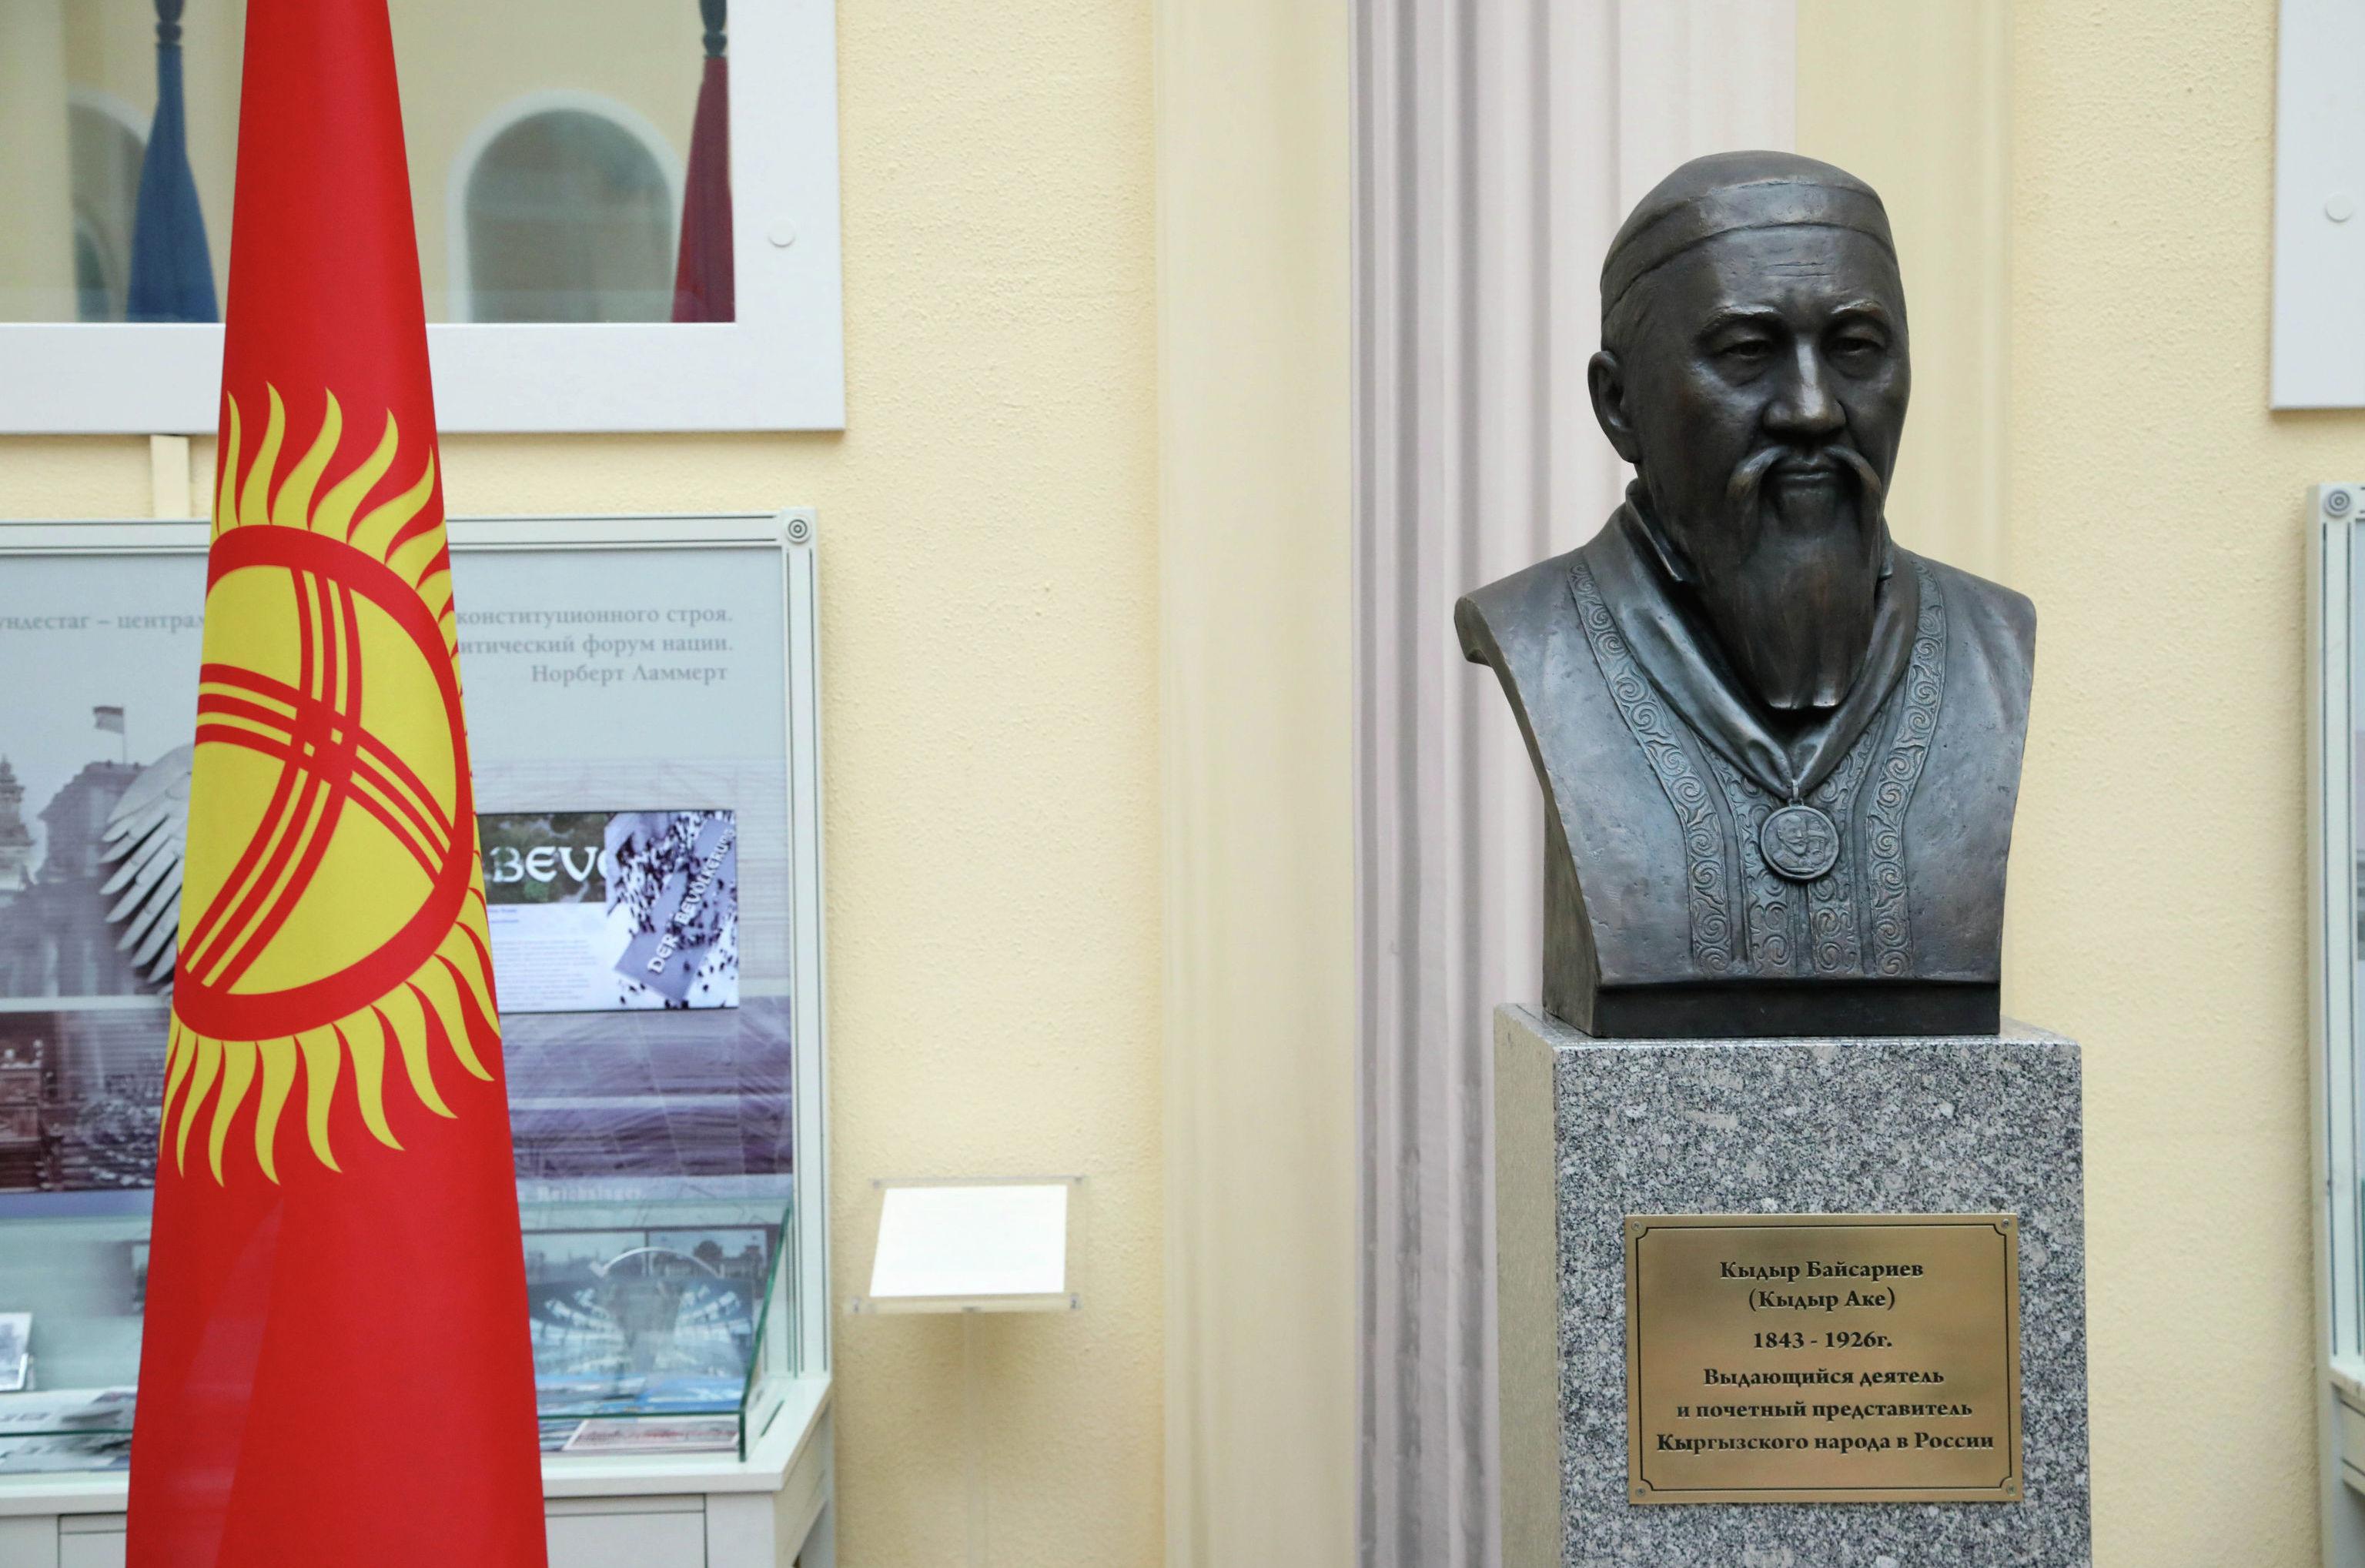 Бюст видного кыргызского политика XIX-XX века Кыдыр Байсары уулу в Таврическом дворц